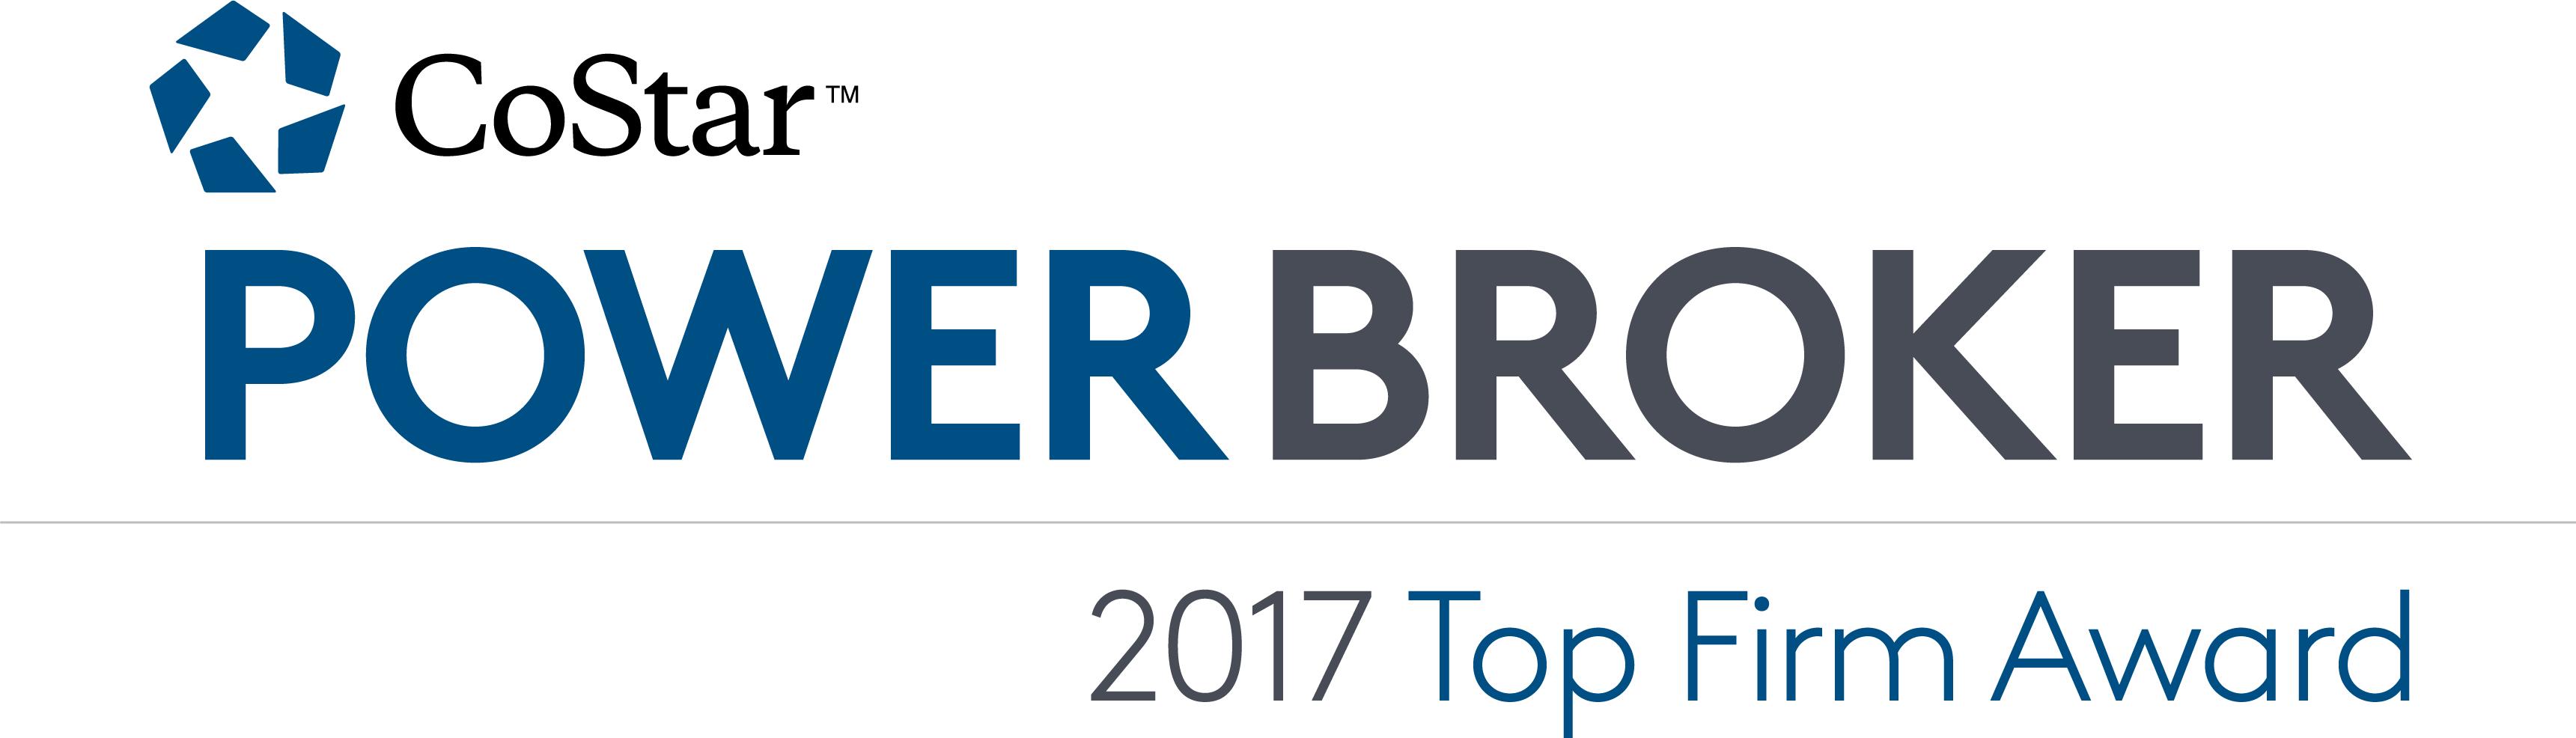 2017 Power Broker Top Firm Award